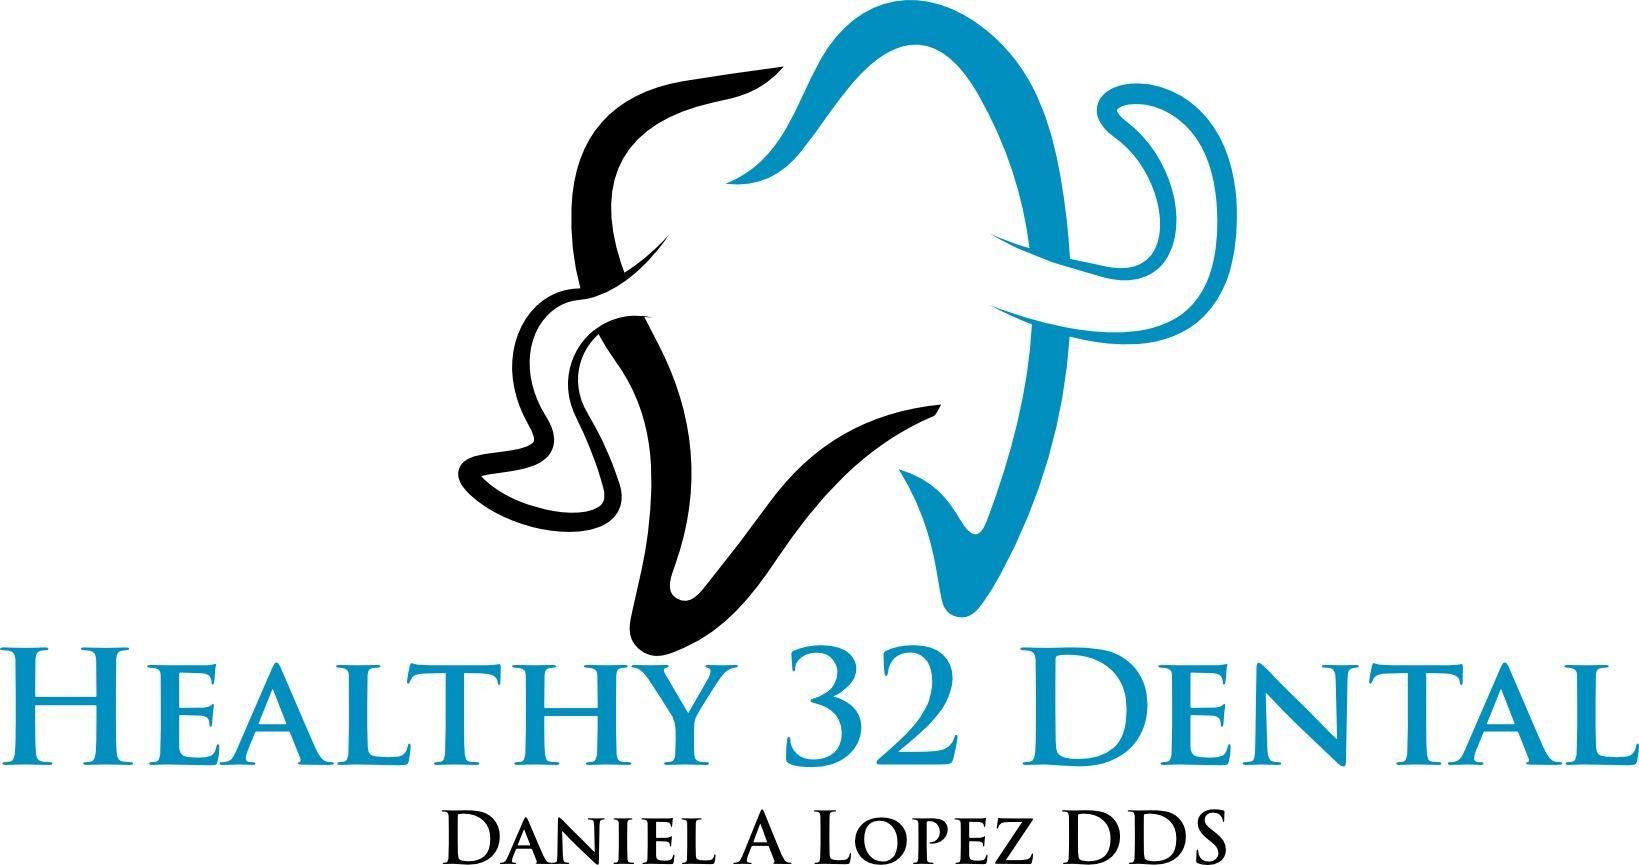 Healthy 32 dental in el paso tx coming soon in 2016